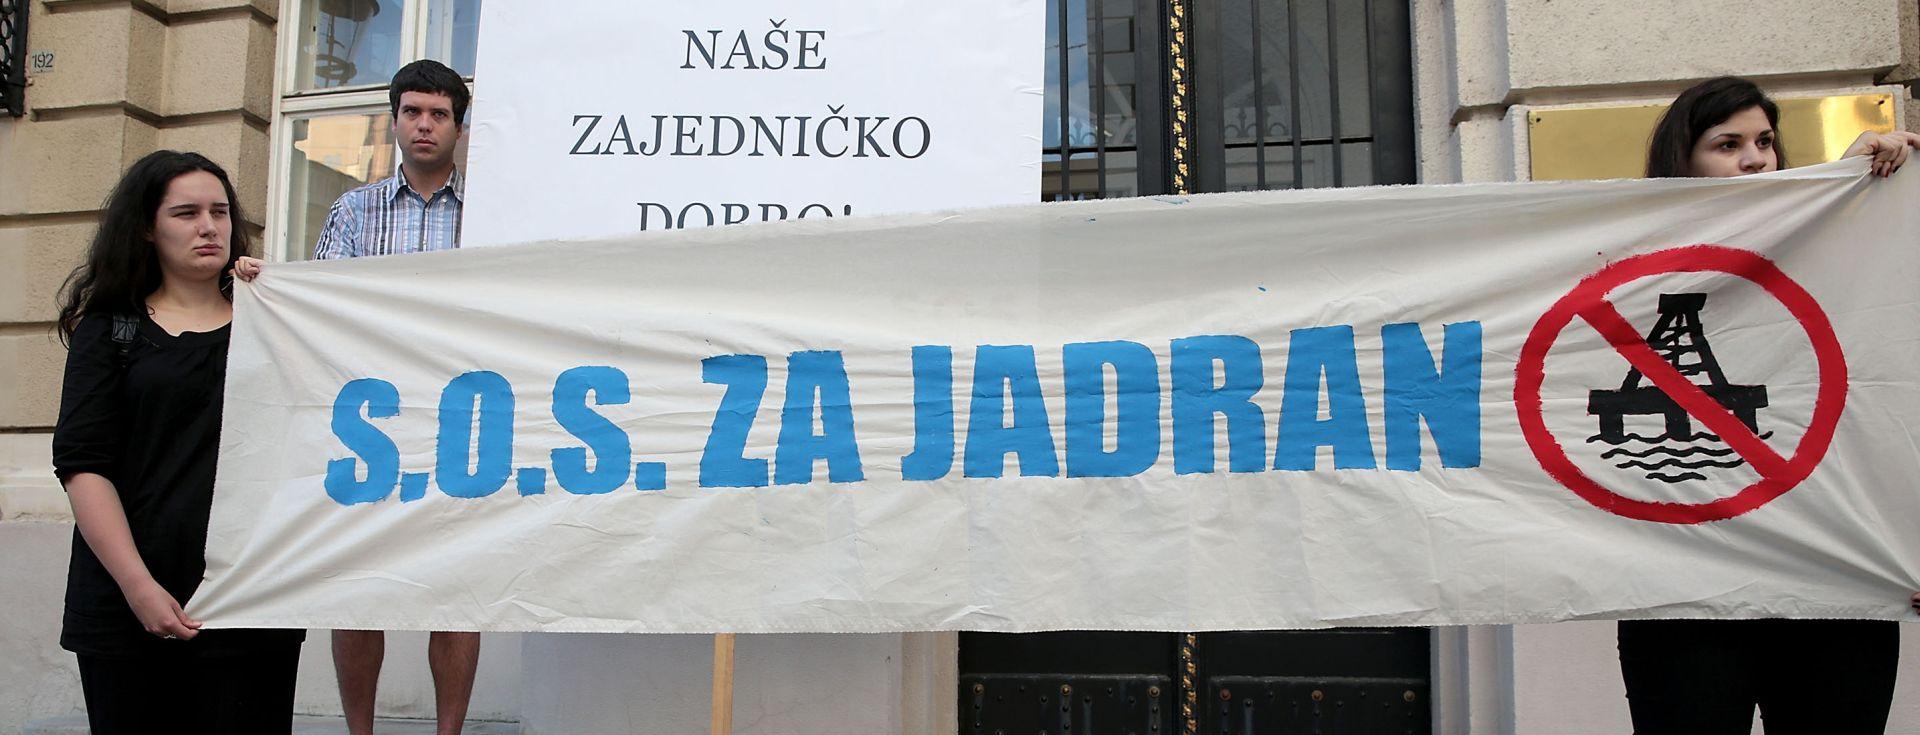 BEZ PUNO RASPRAVE: U Dubrovniku prihvaćena Deklaracija protiv istraživanja i eksploatacije ugljikovodika u Jadranu